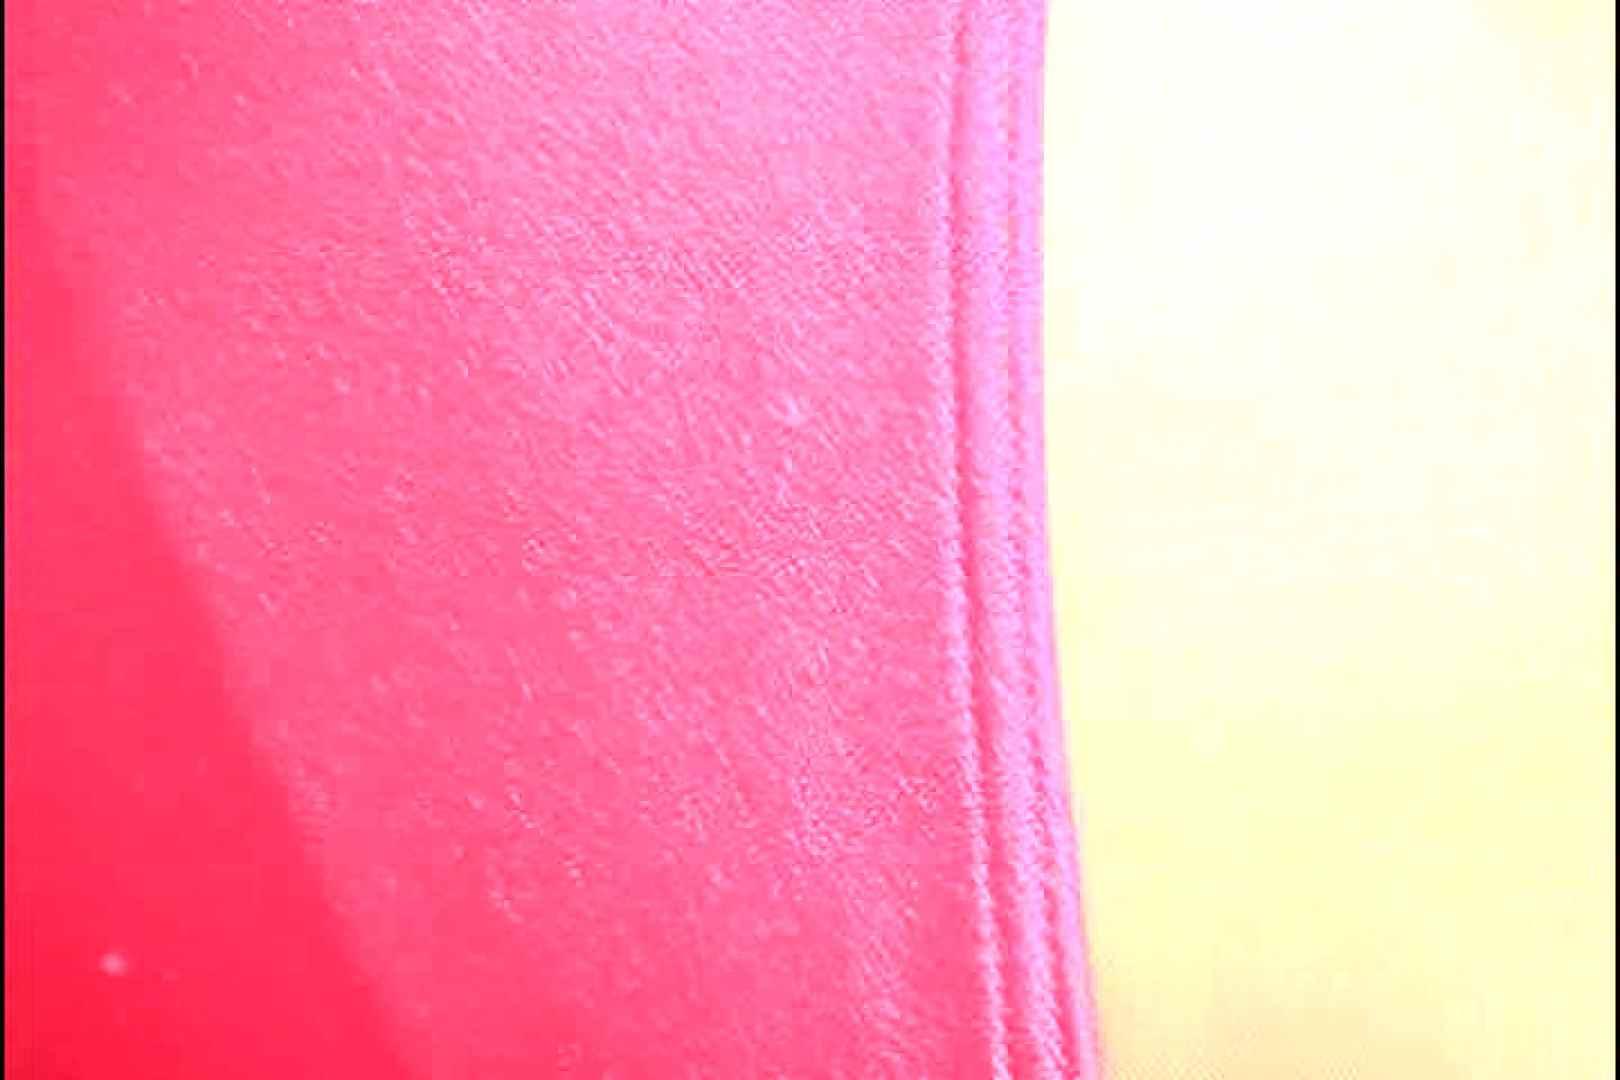 RQカメラ地獄Vol.13 下半身 おめこ無修正画像 26PICs 3